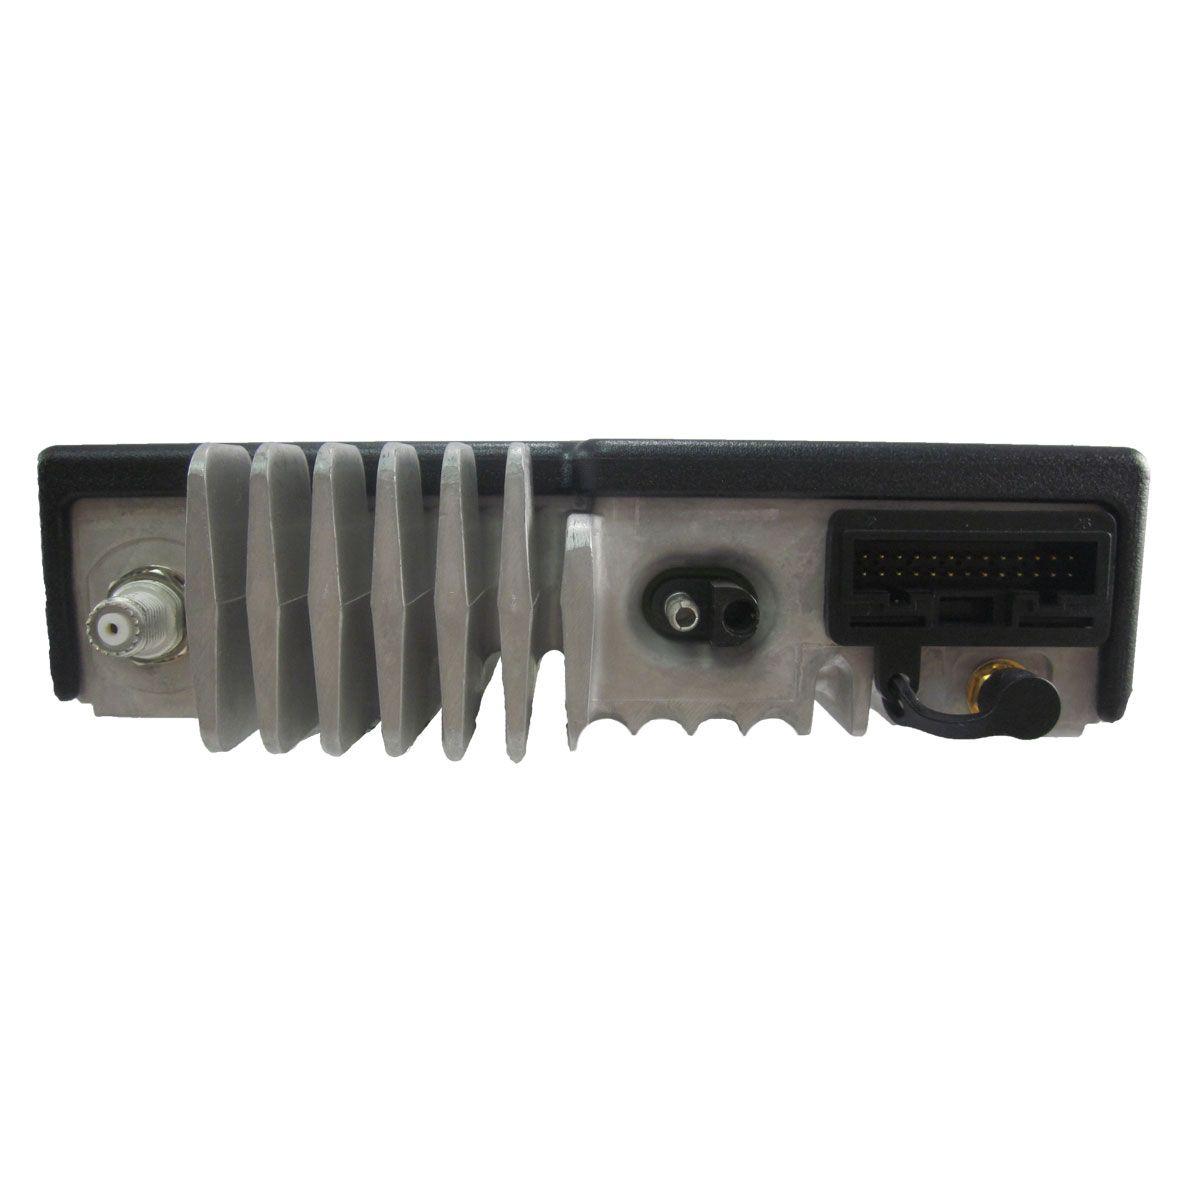 Radio Motorola DGM8000e Digital